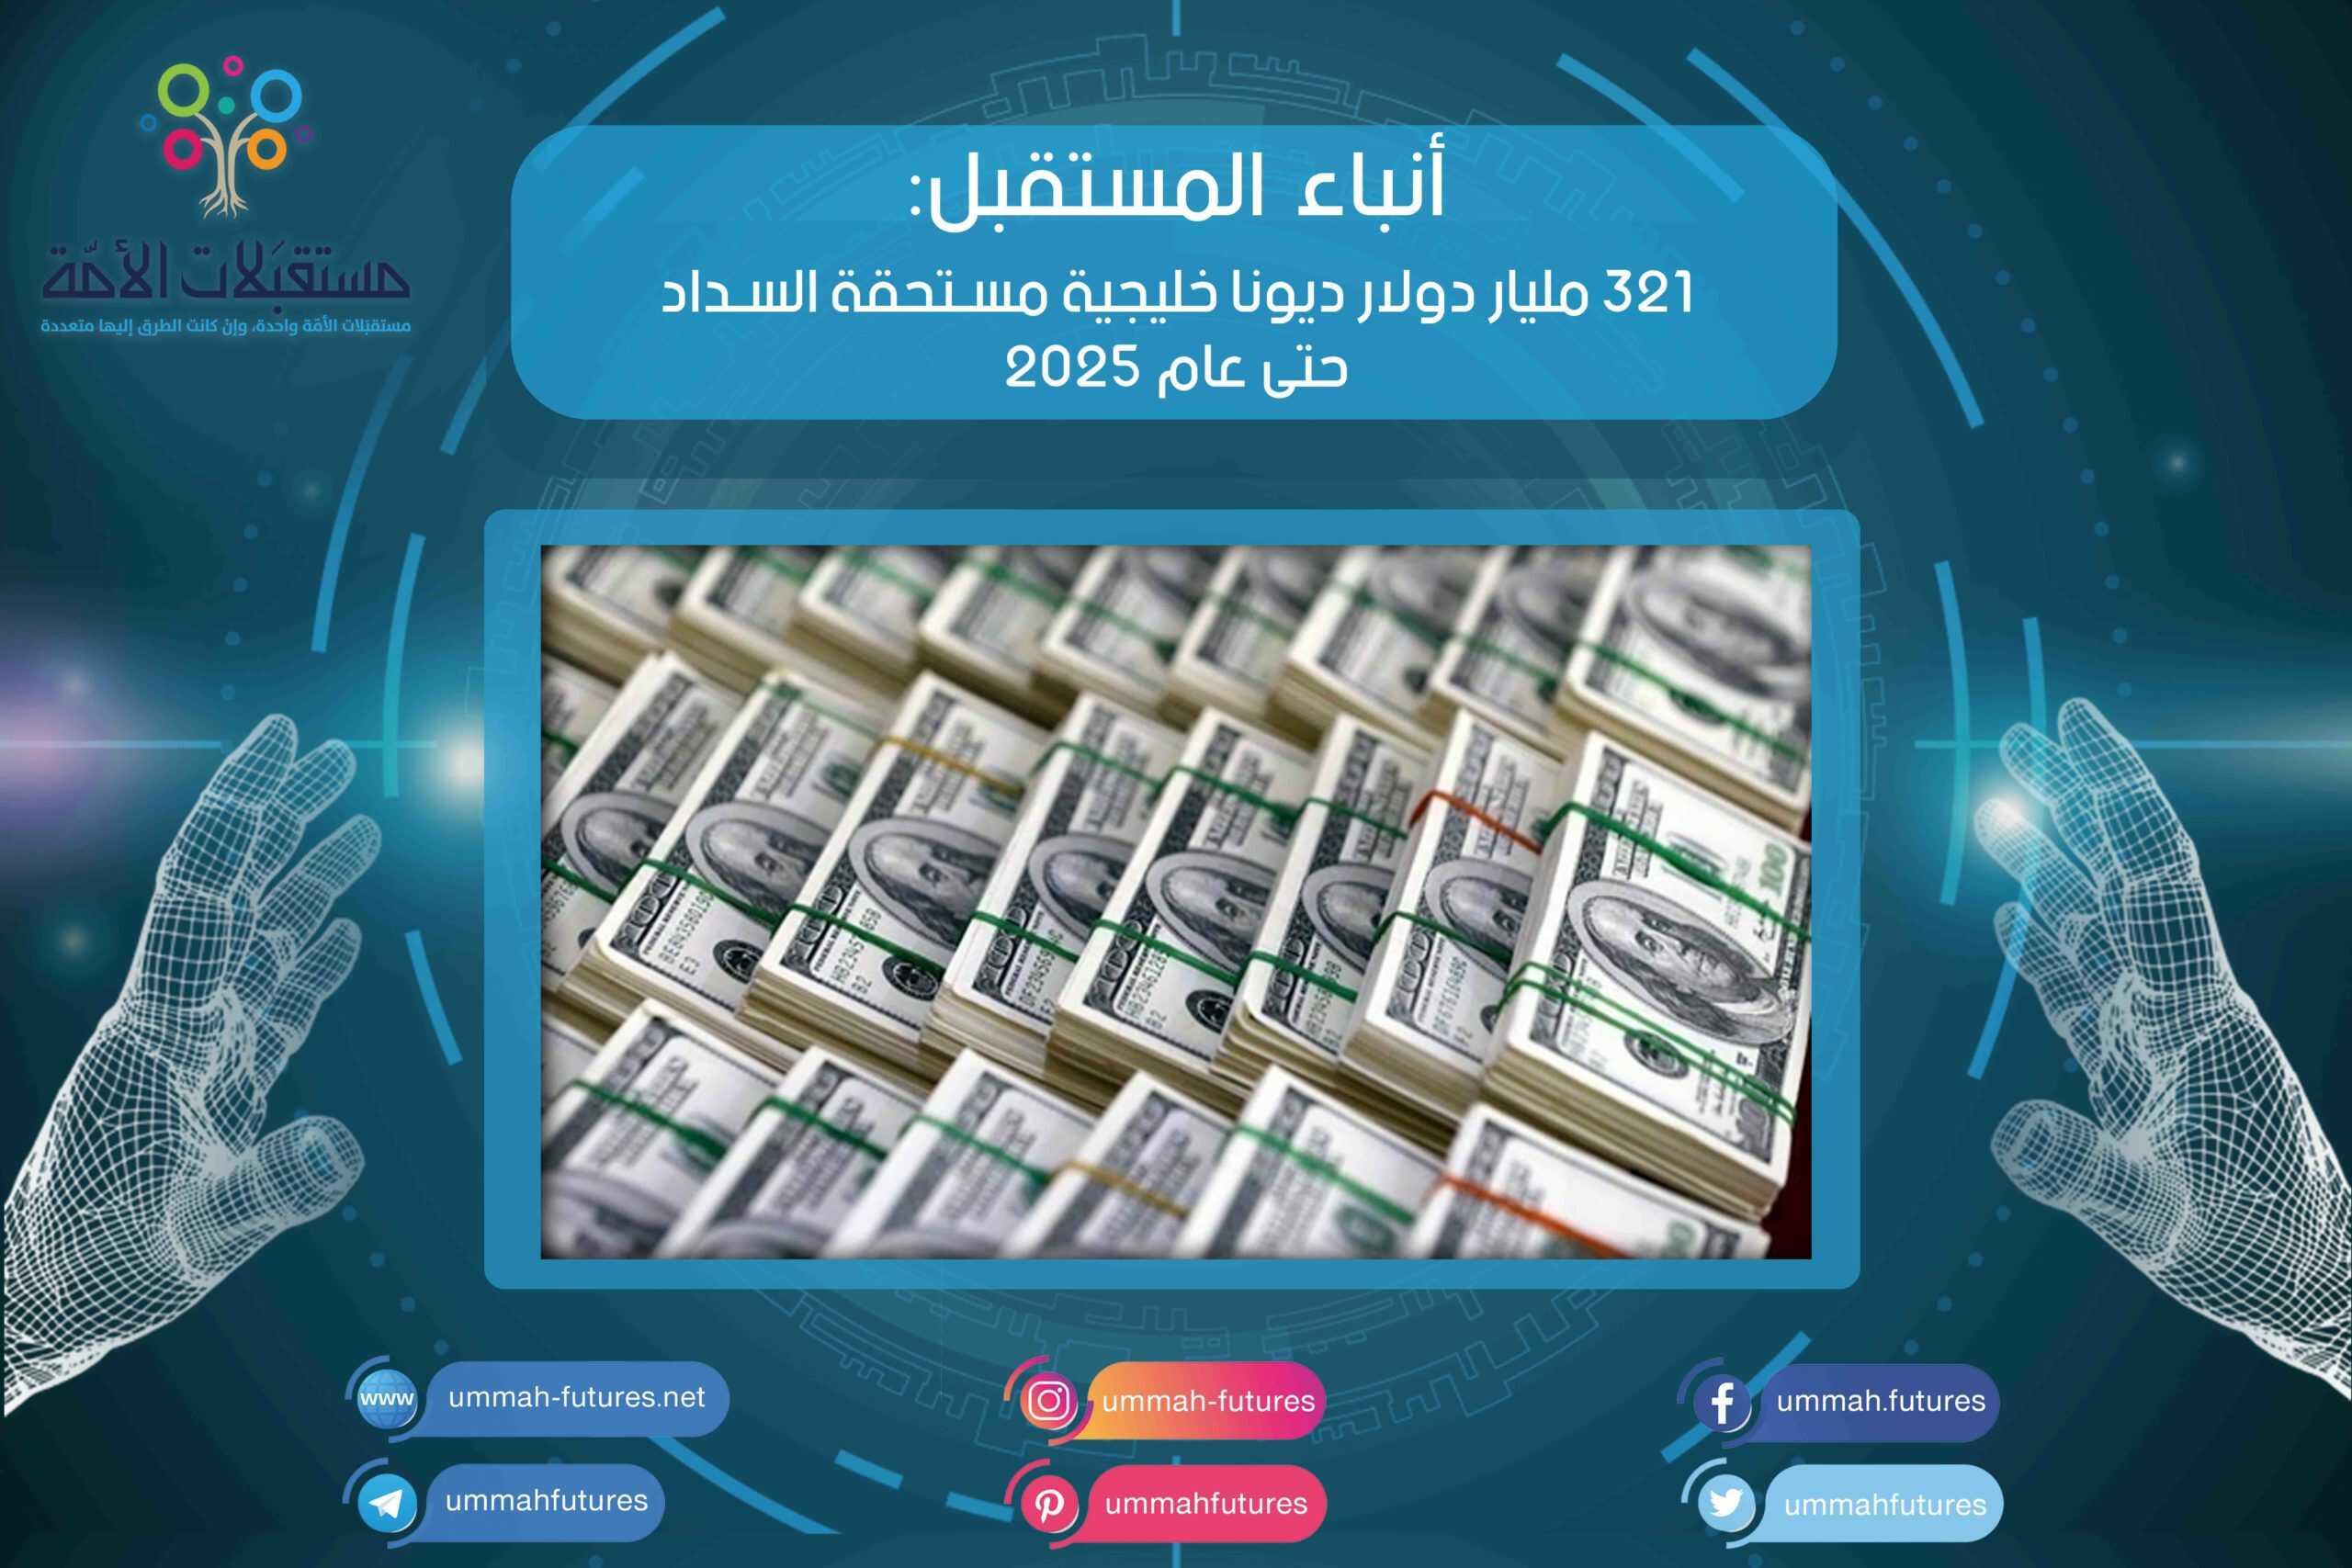 321 مليار دولار ديونا خليجية مستحقة السداد حتى عام 2025